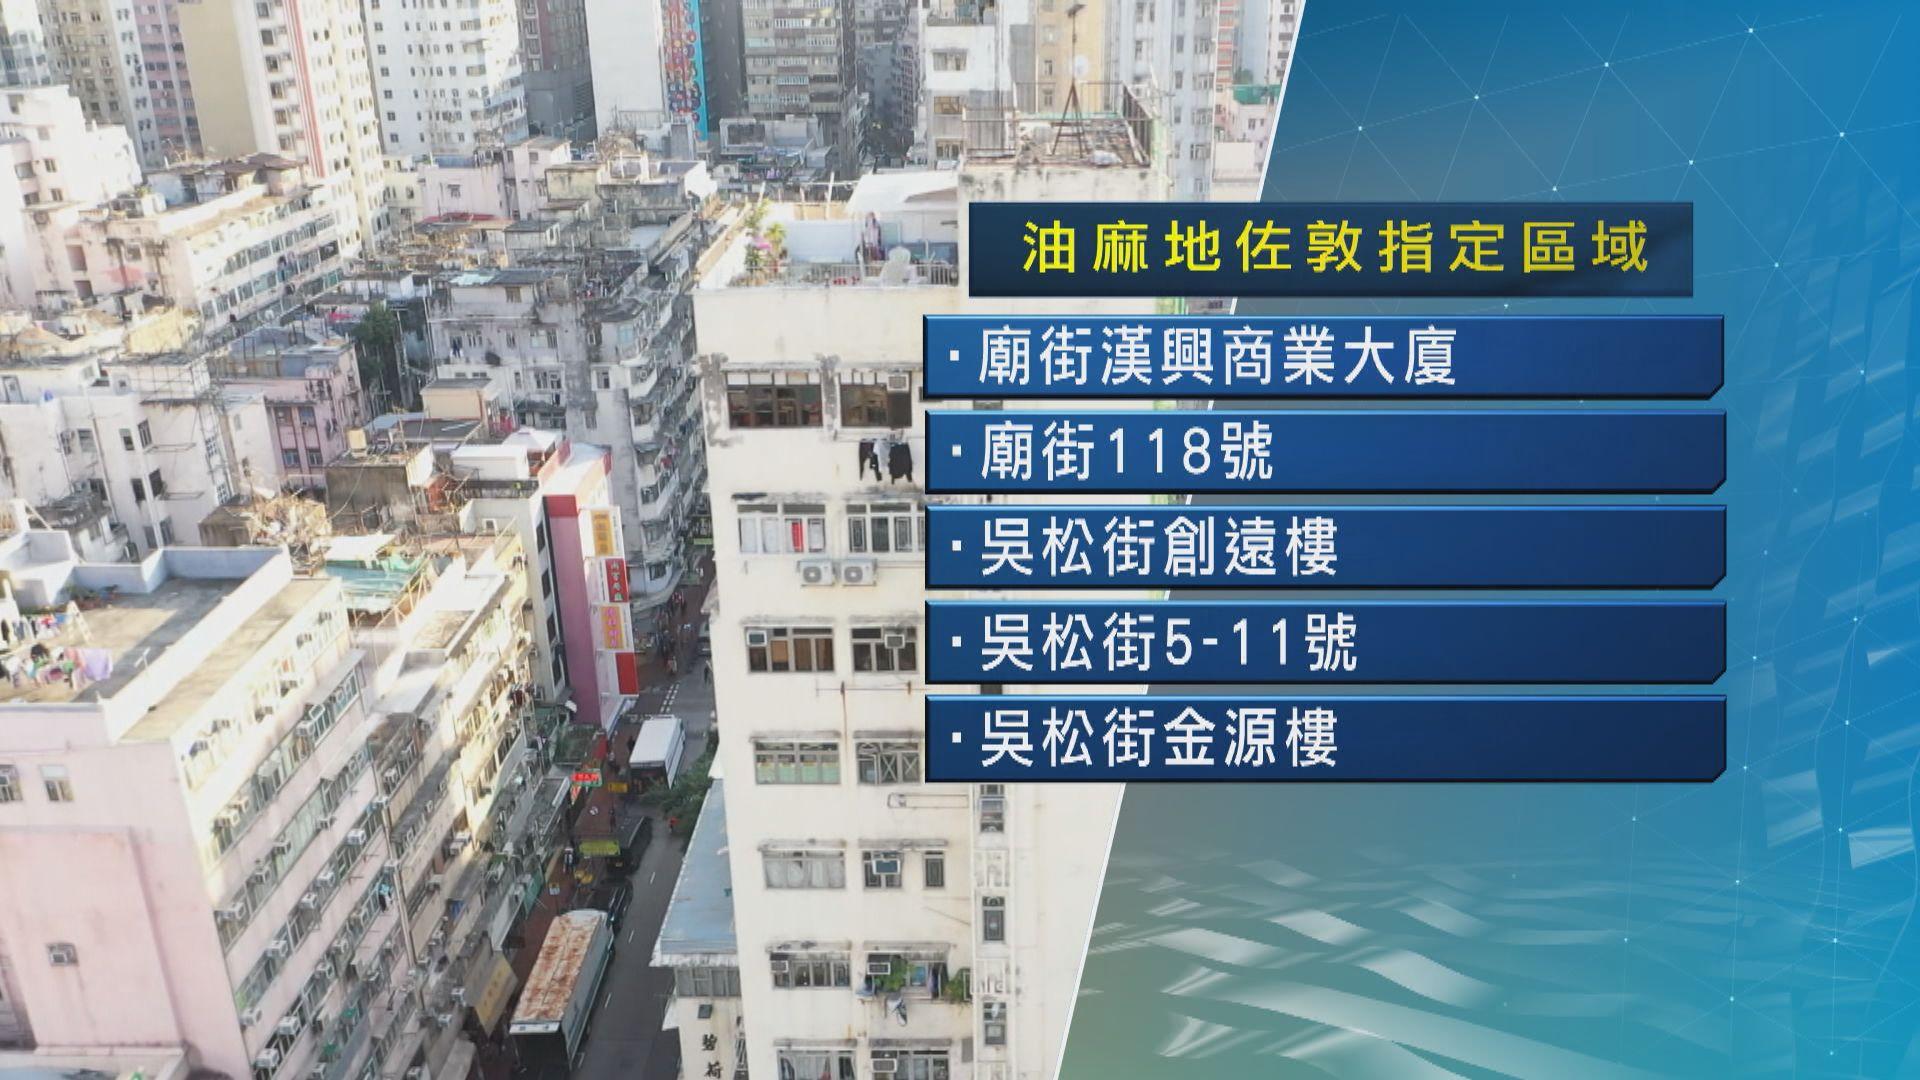 多五幢大廈因污水樣本持續陽性需強檢